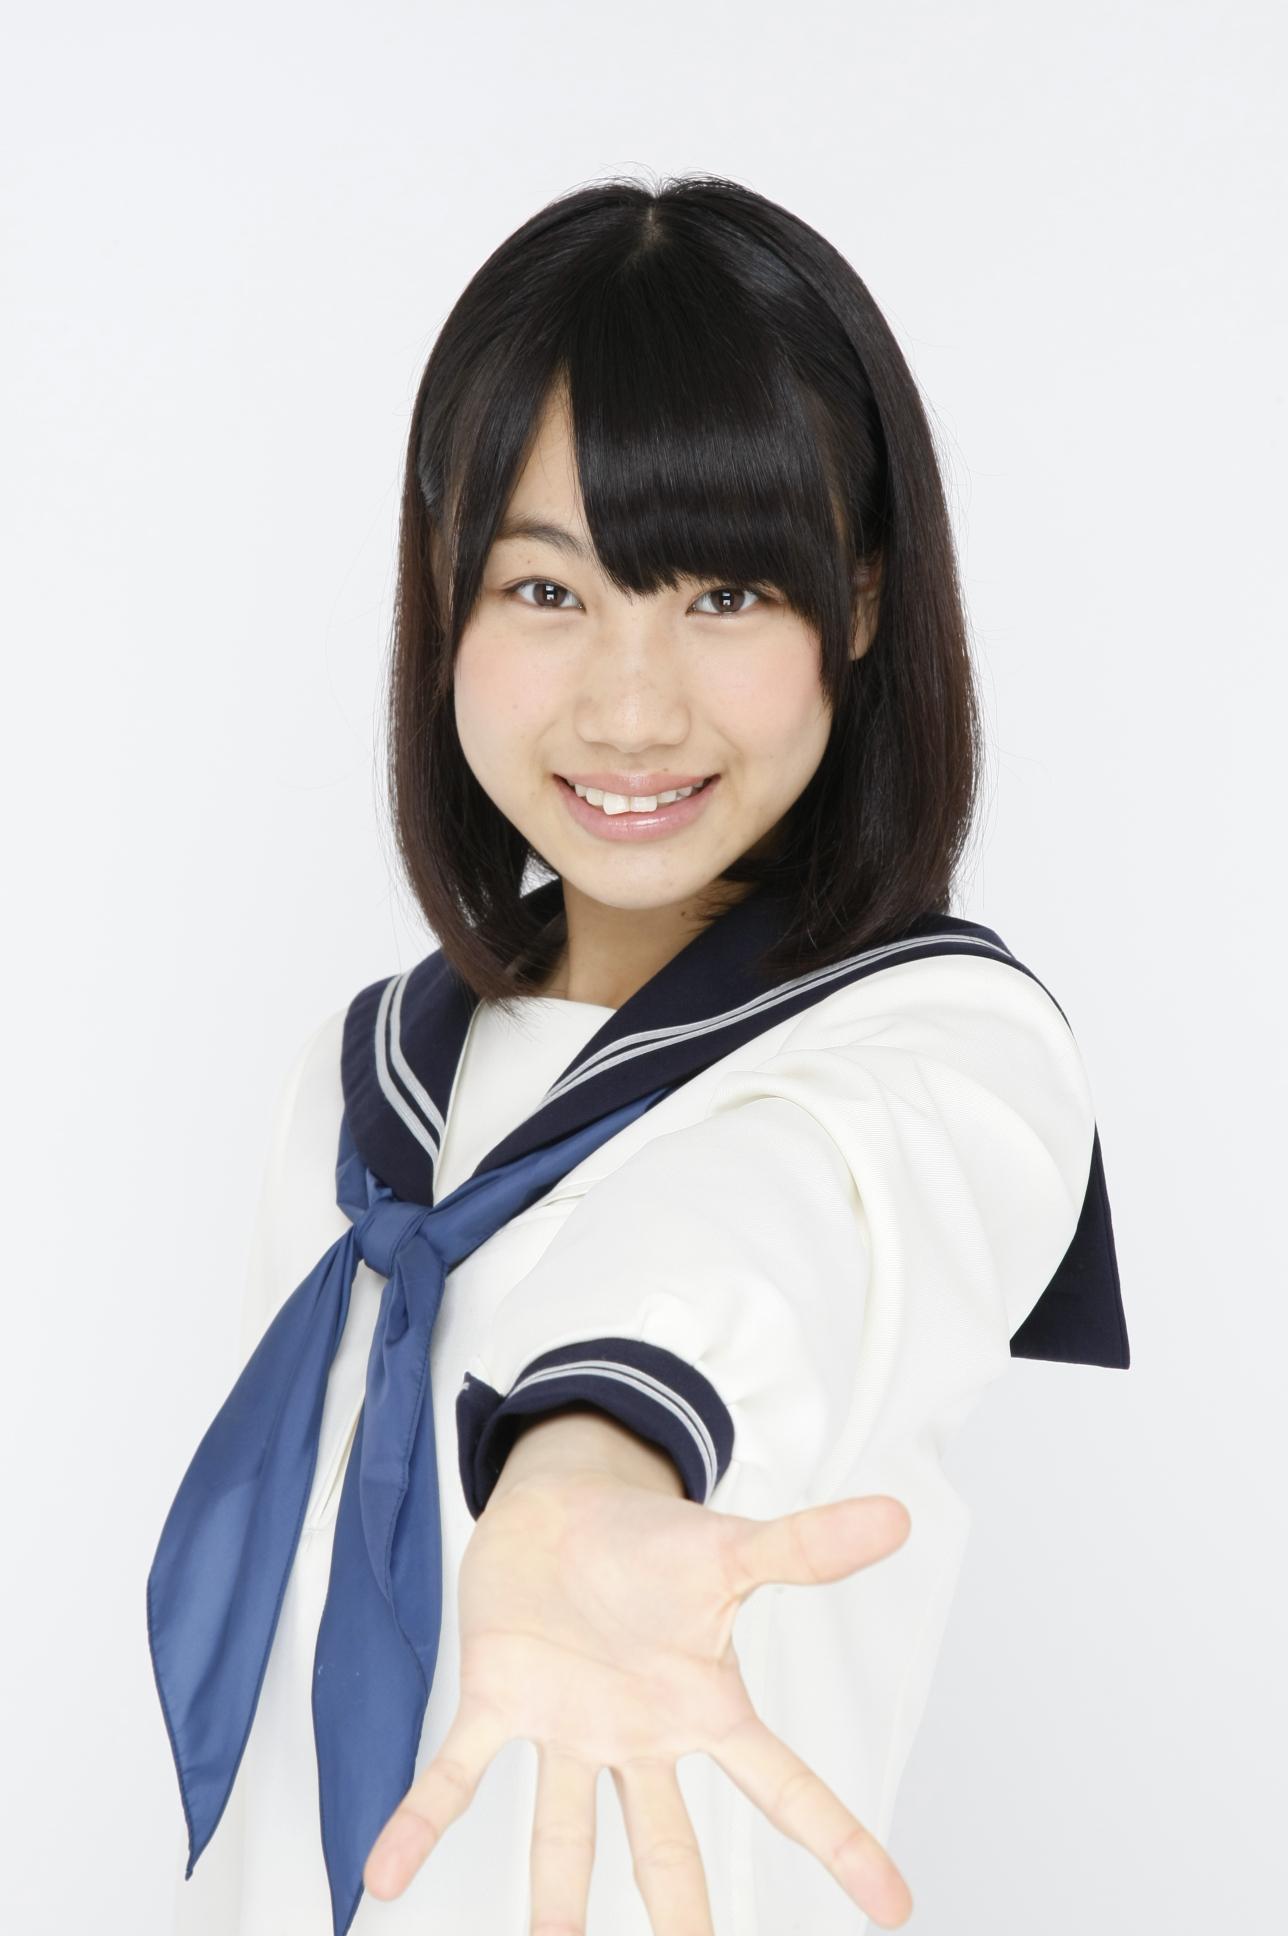 【NMB48】高野祐衣応援スレ★1【ゆいぽん】->画像>459枚